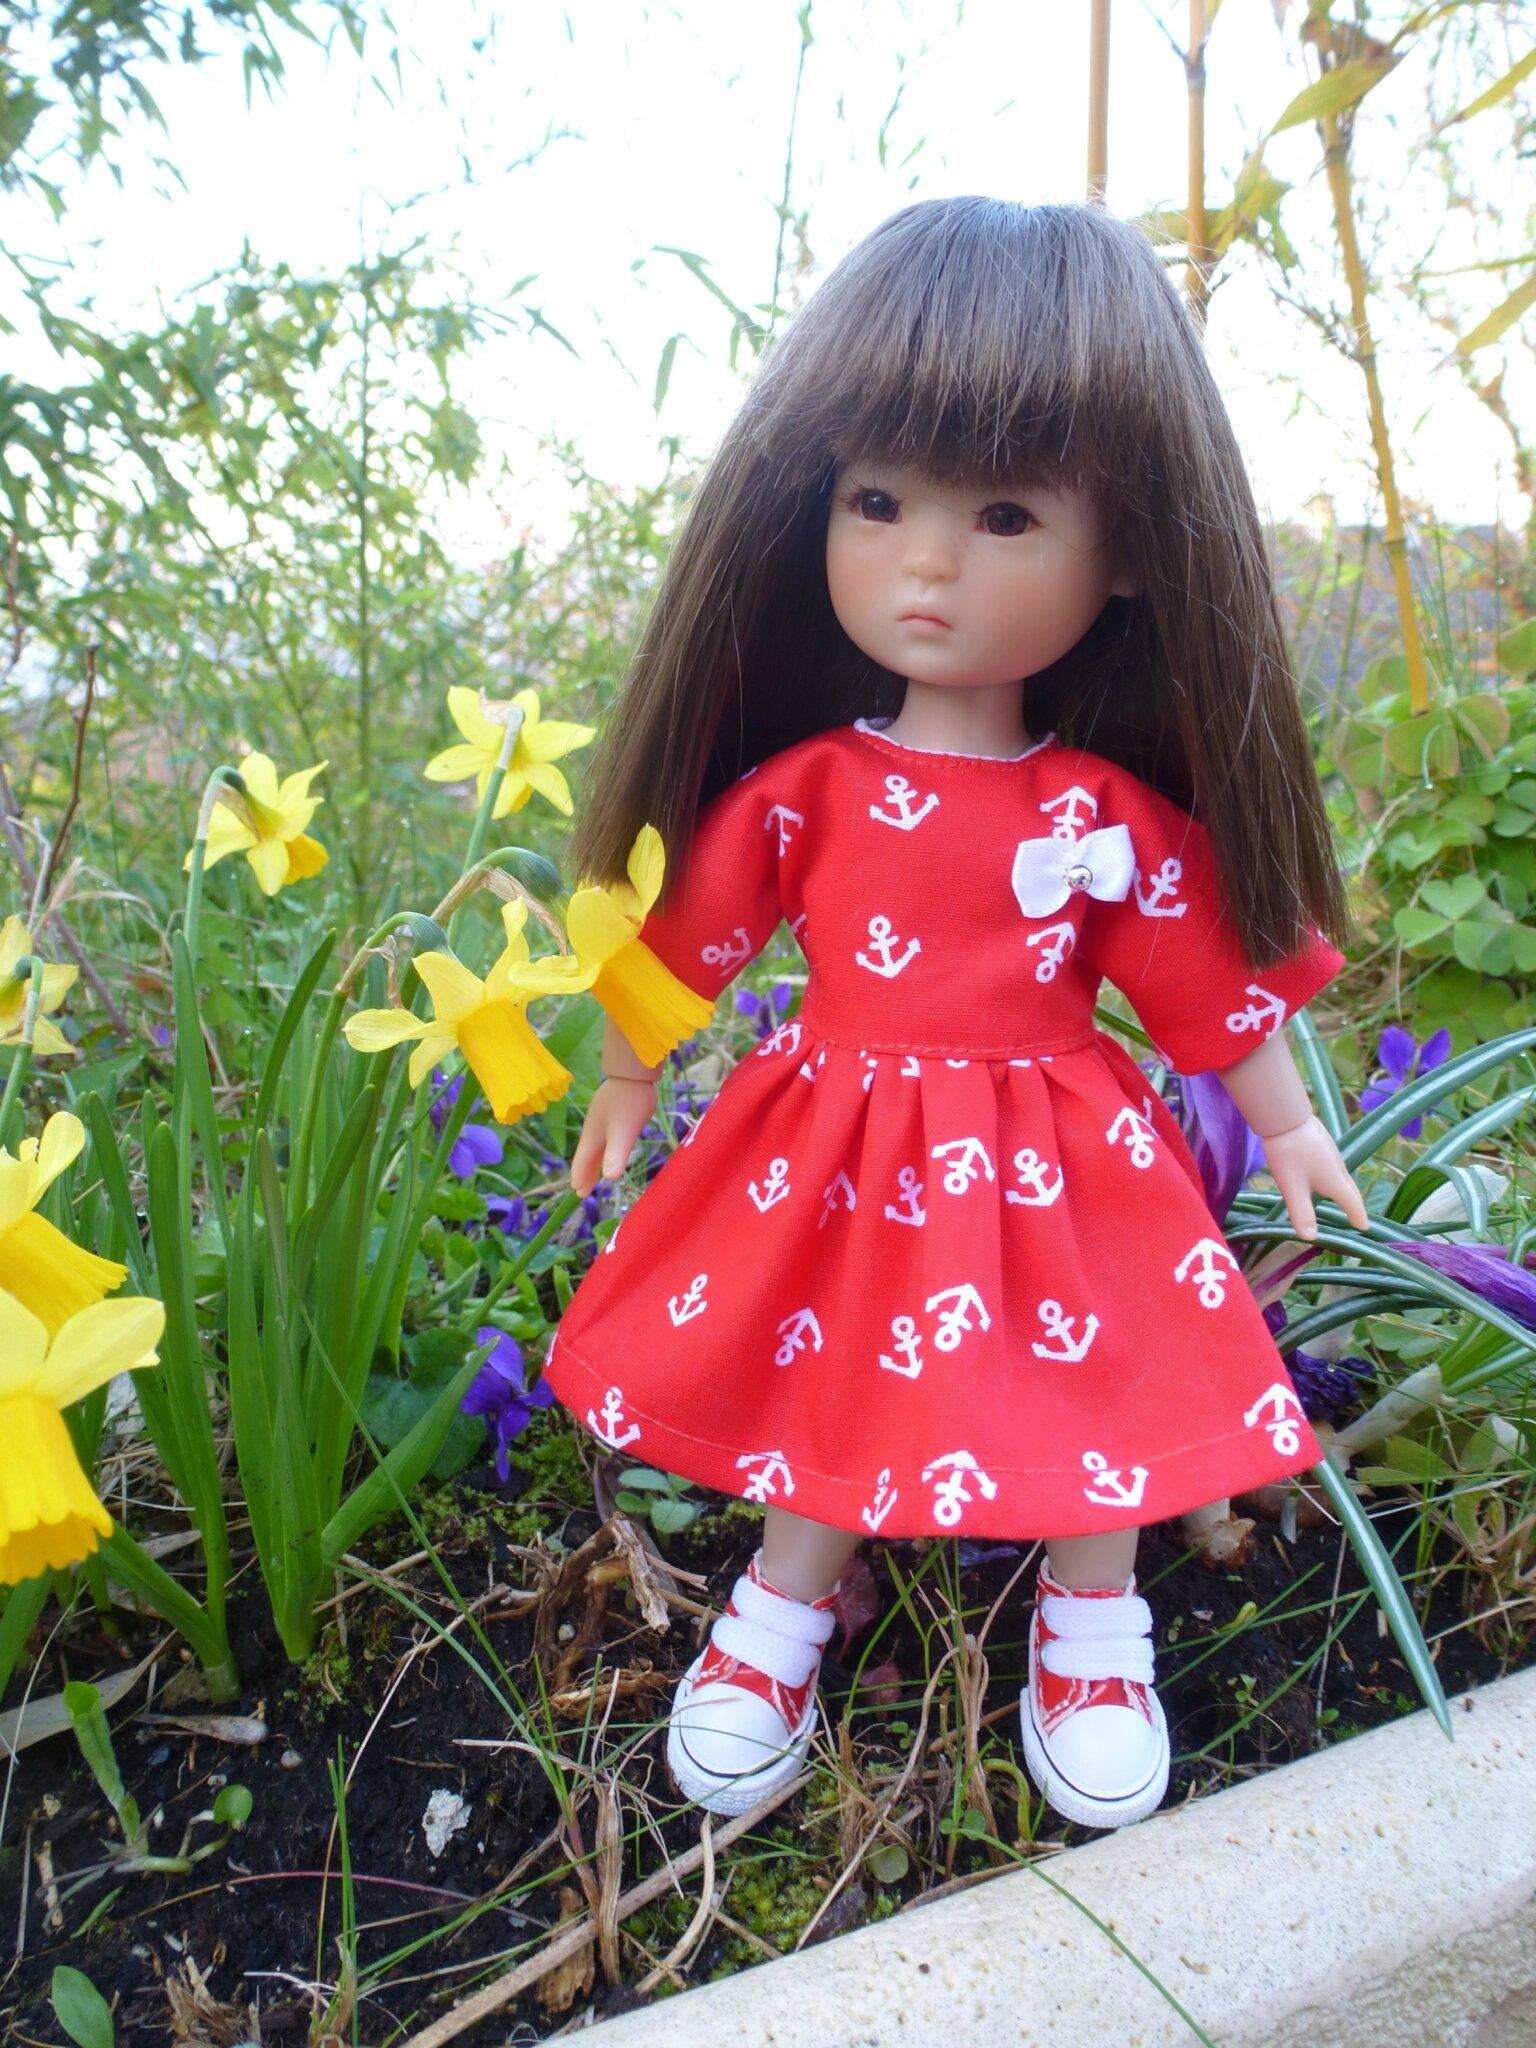 Petites robes de printemps pour Ten Ping 20 cm, peuvent être refaites, 10 € et fdp